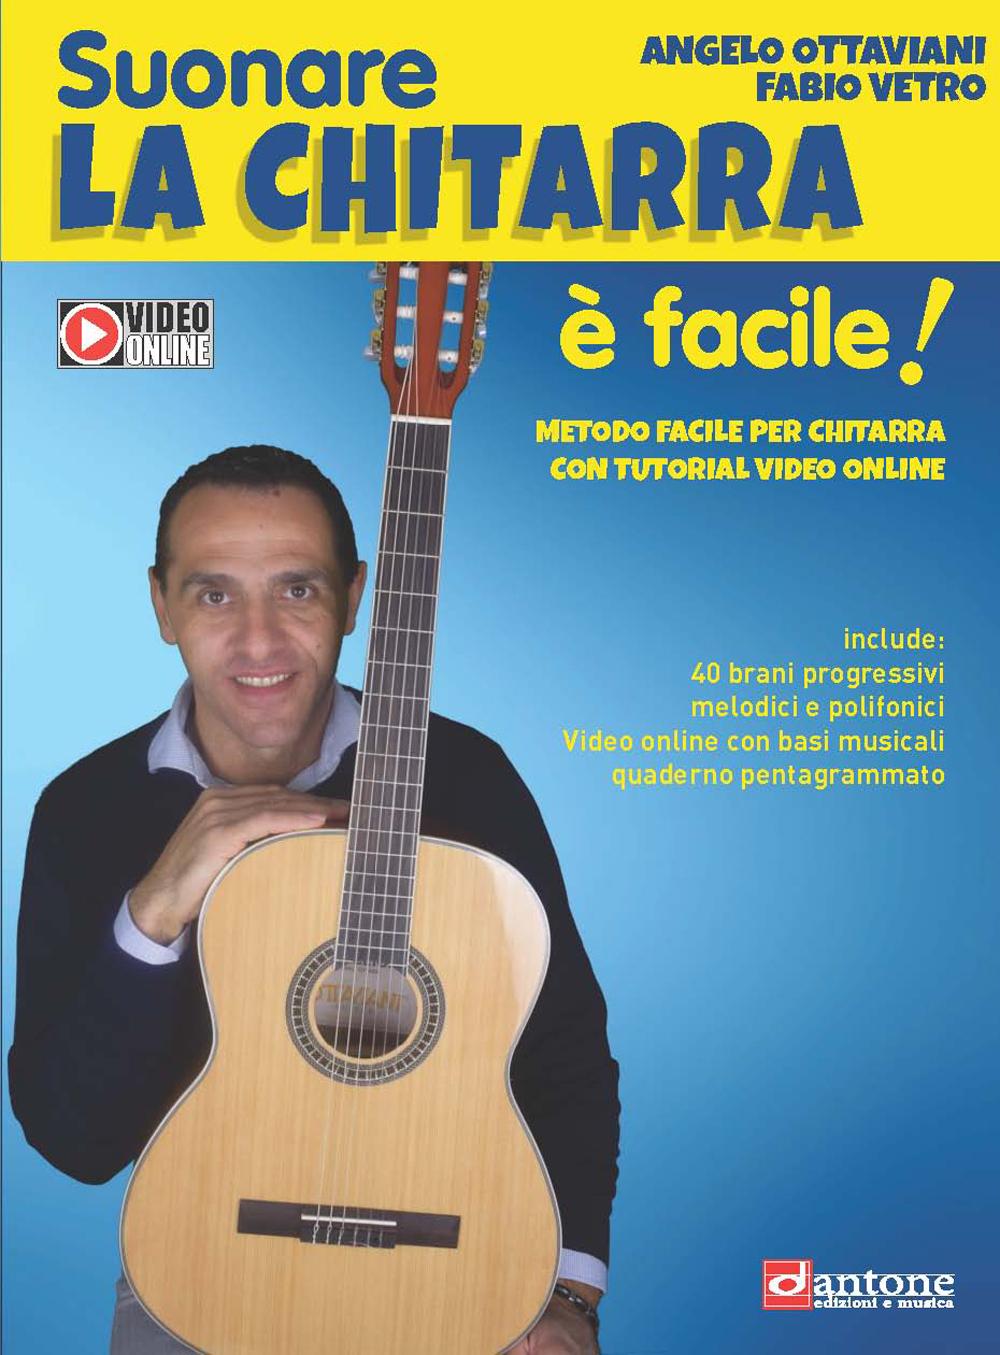 Angelo Ottaviani Fabio Vetro: Suonare La Chitarra È Facile!: Guitar: